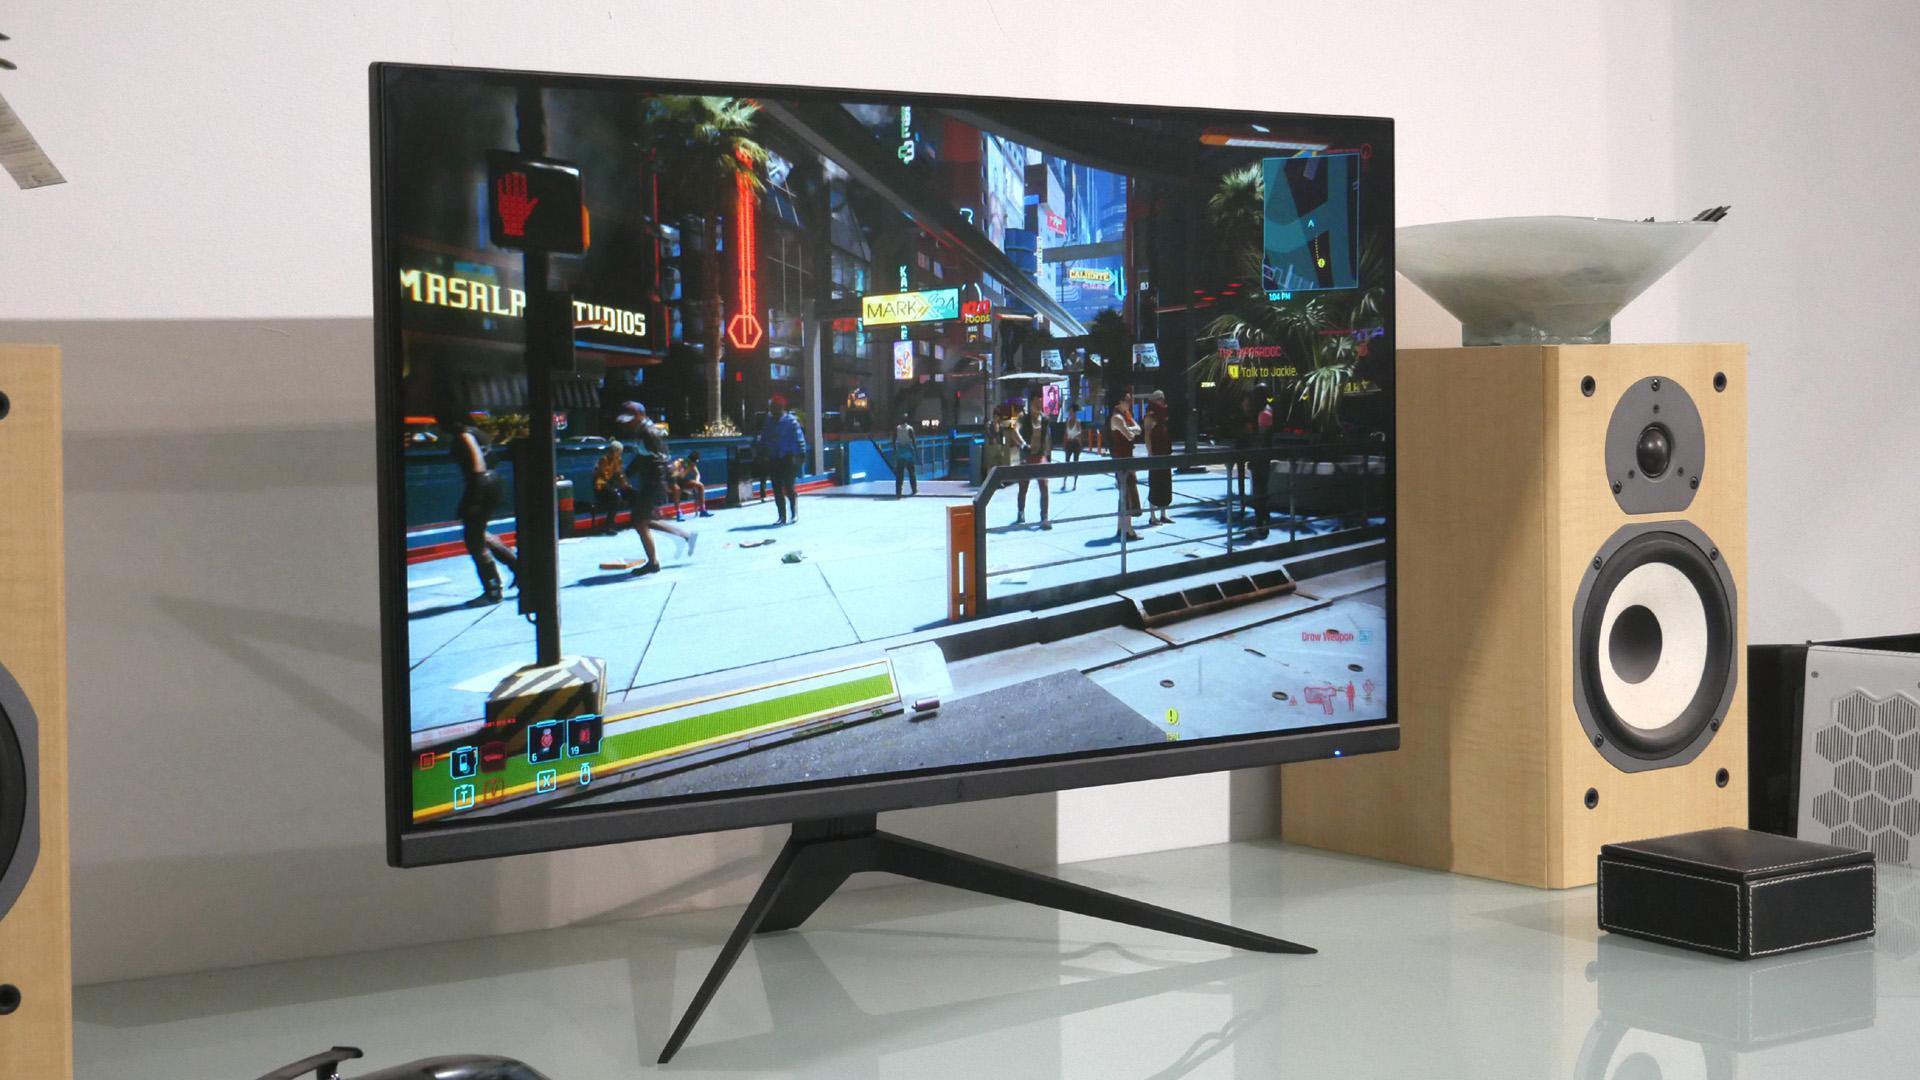 Monoprice Dark Matter 27-inch gaming monitor